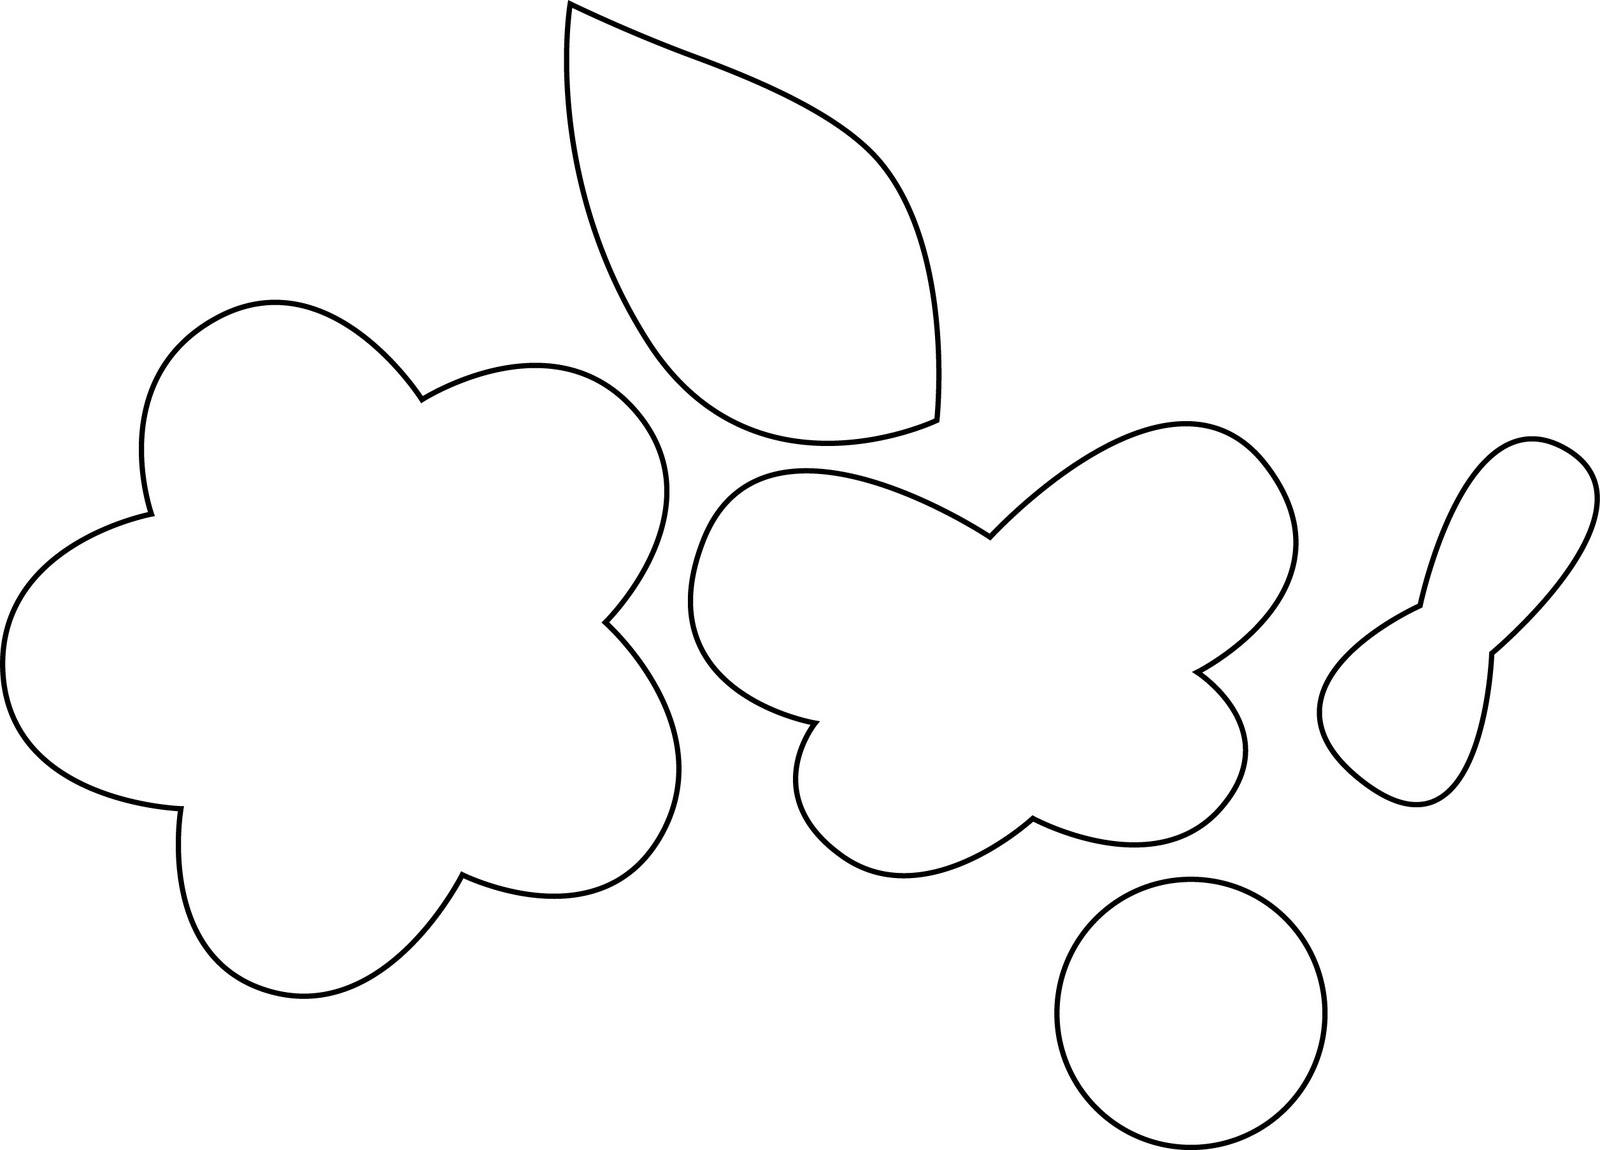 DESENHOS PARA COLORIR DE FLORES PÁGINA 1  - imagens para colorir e imprimir de flores